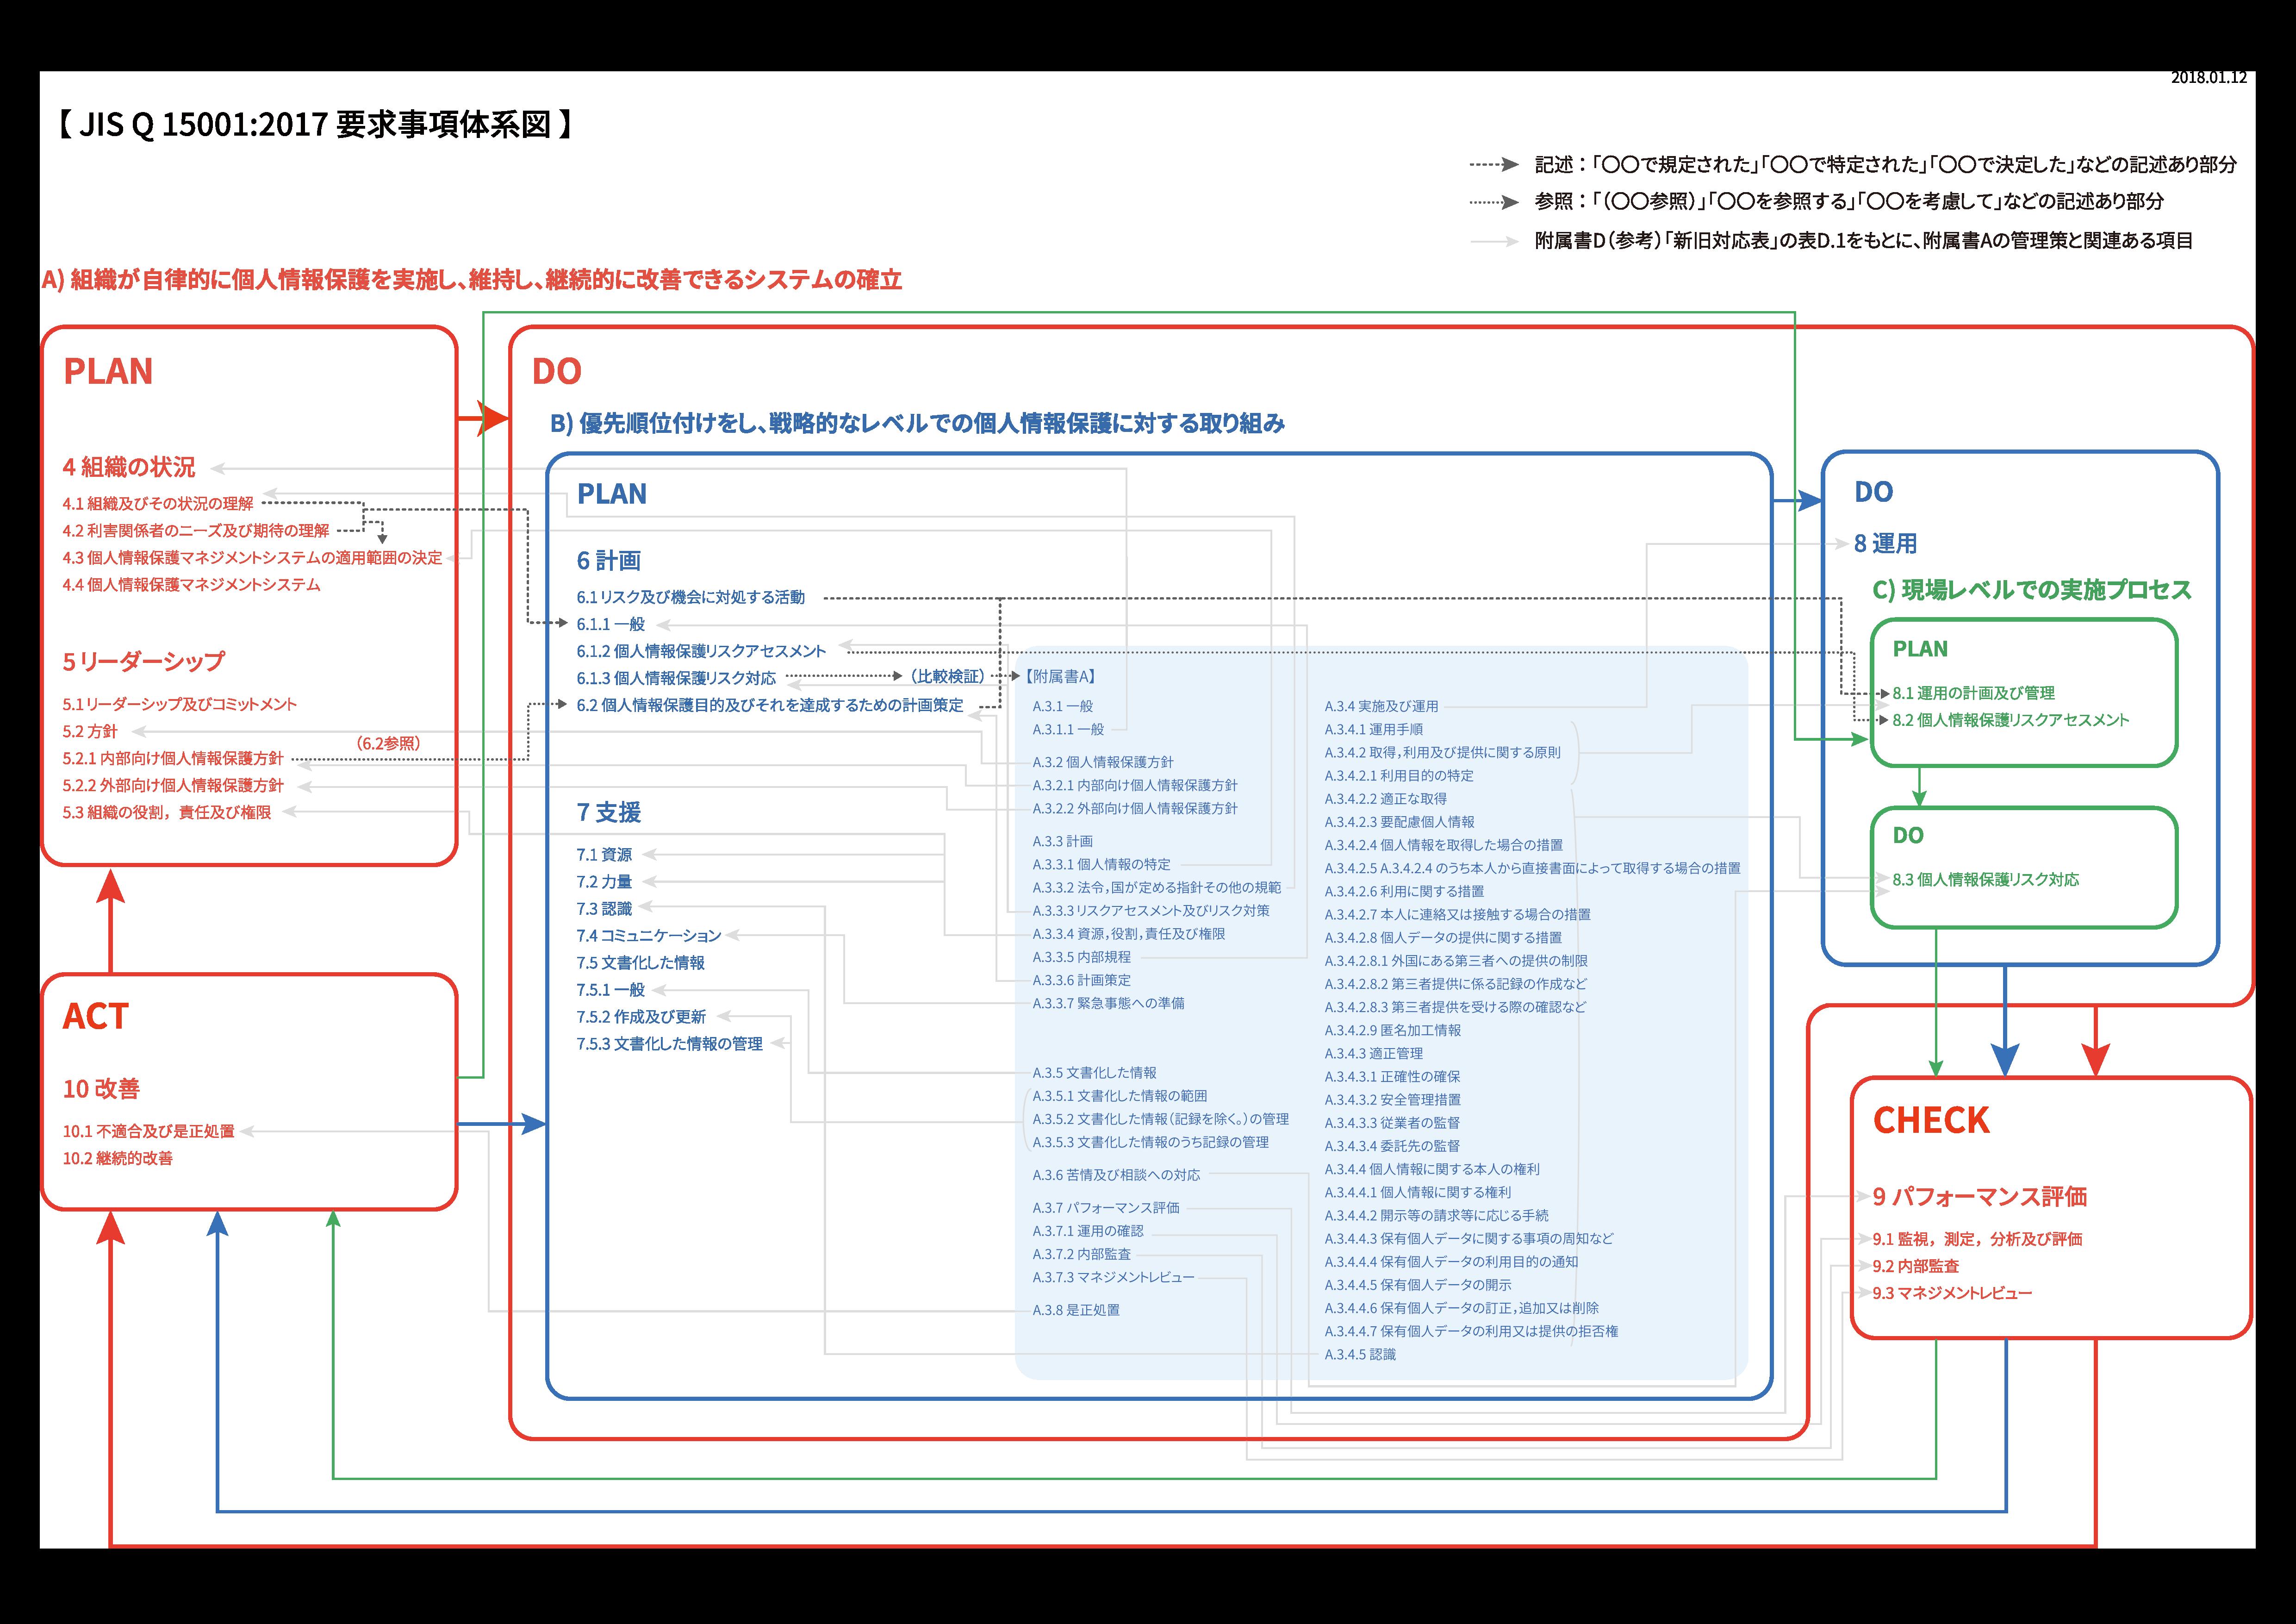 JIS Q 15001:2017要求事項体系図